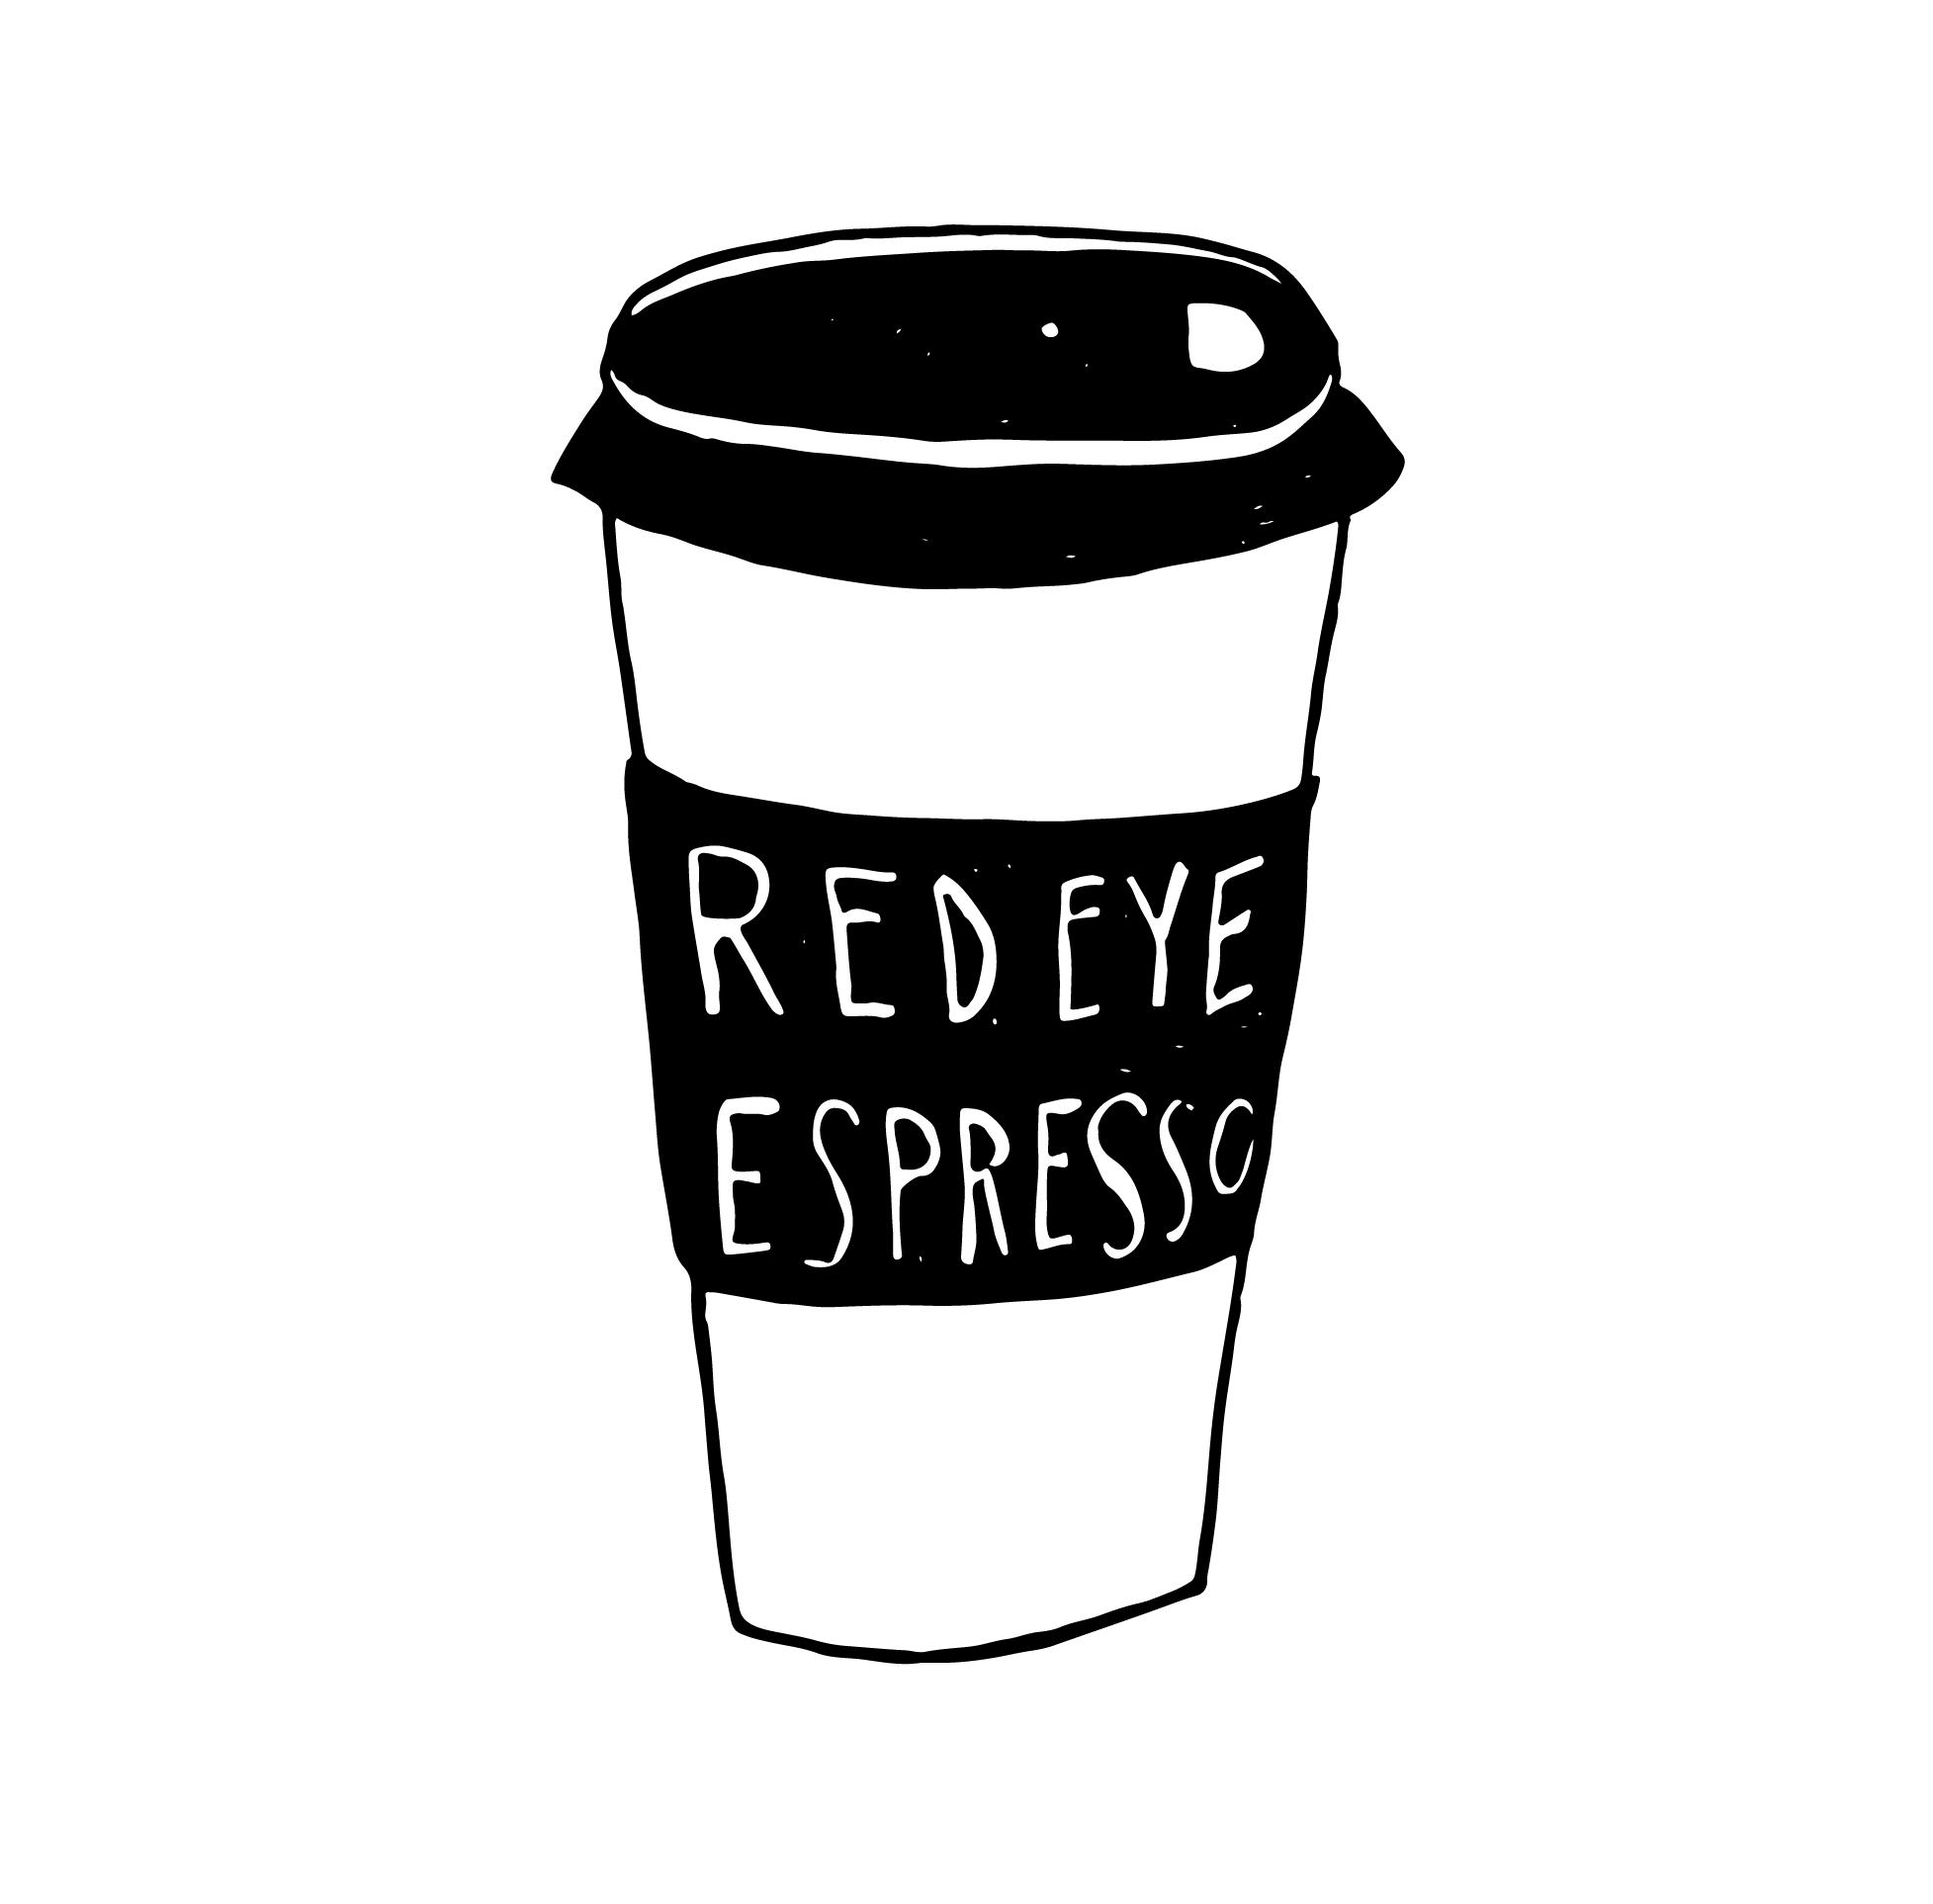 Red Eye Espresso